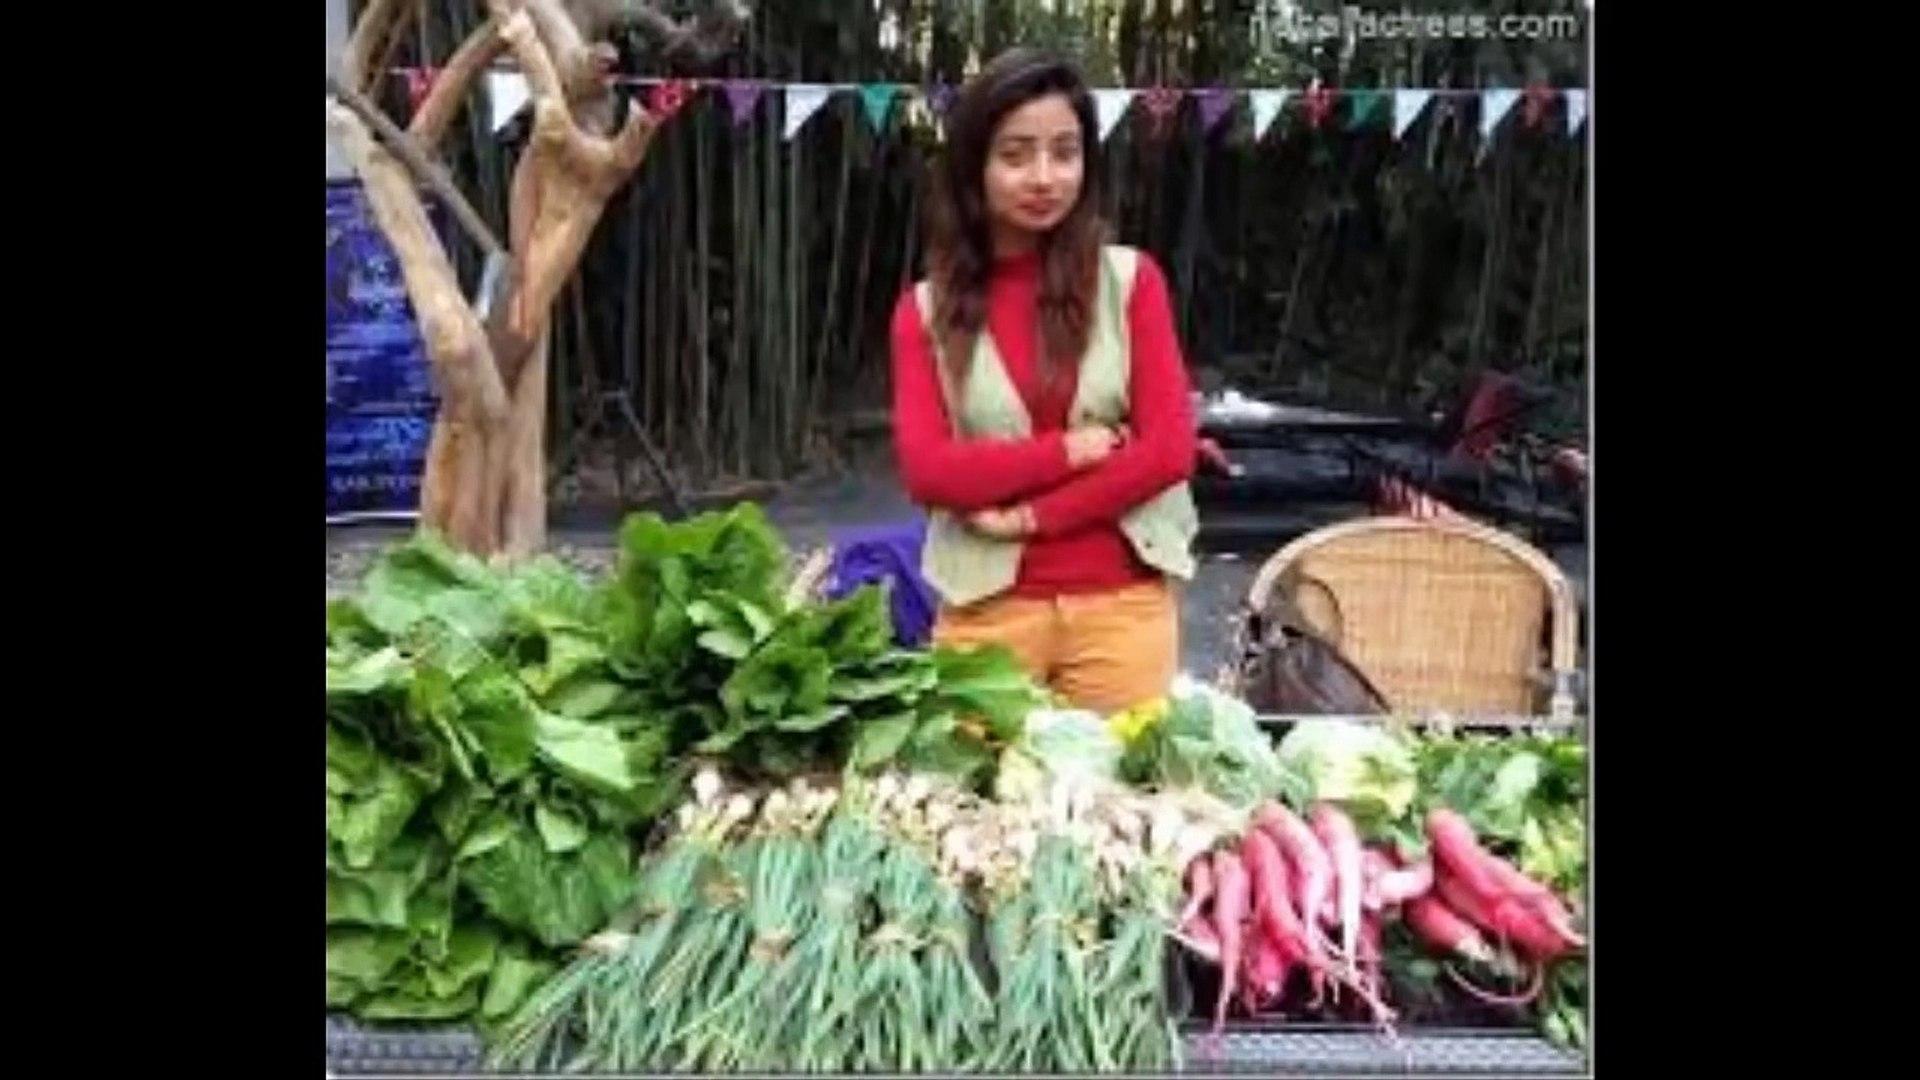 Beautiful Vegetables seller girl in Nepal - Beautiful girl sellinng vegetable in Nepal #Tarkariwali.